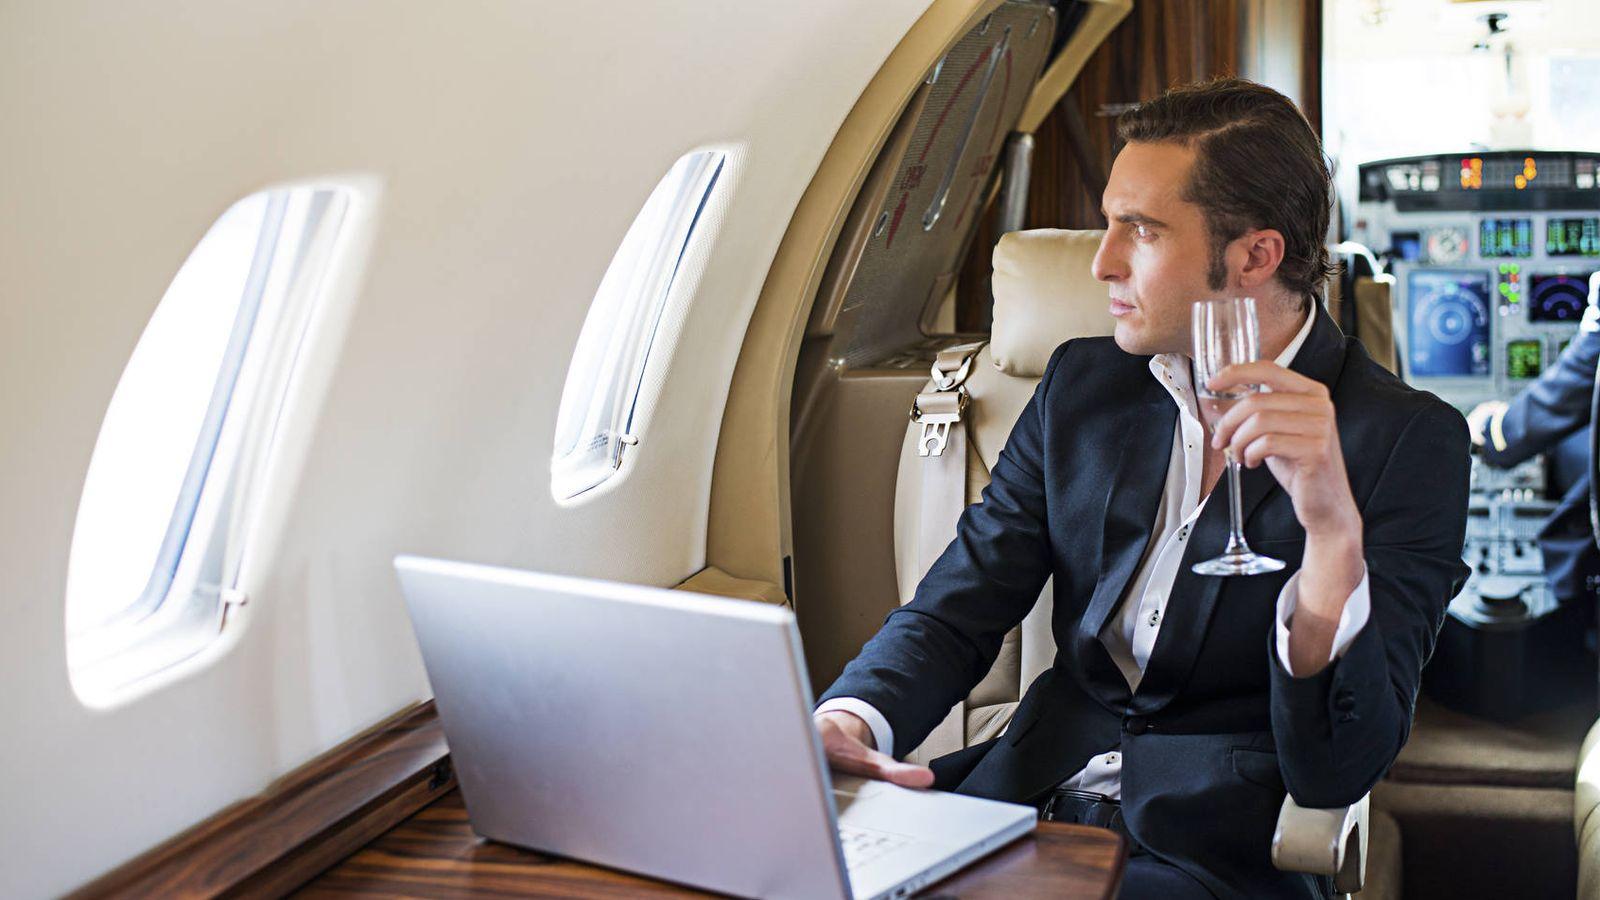 Imágenes Personas Viajando En Avion: Viajar En Avión: Los Hombres Que Viajan En Primera Y